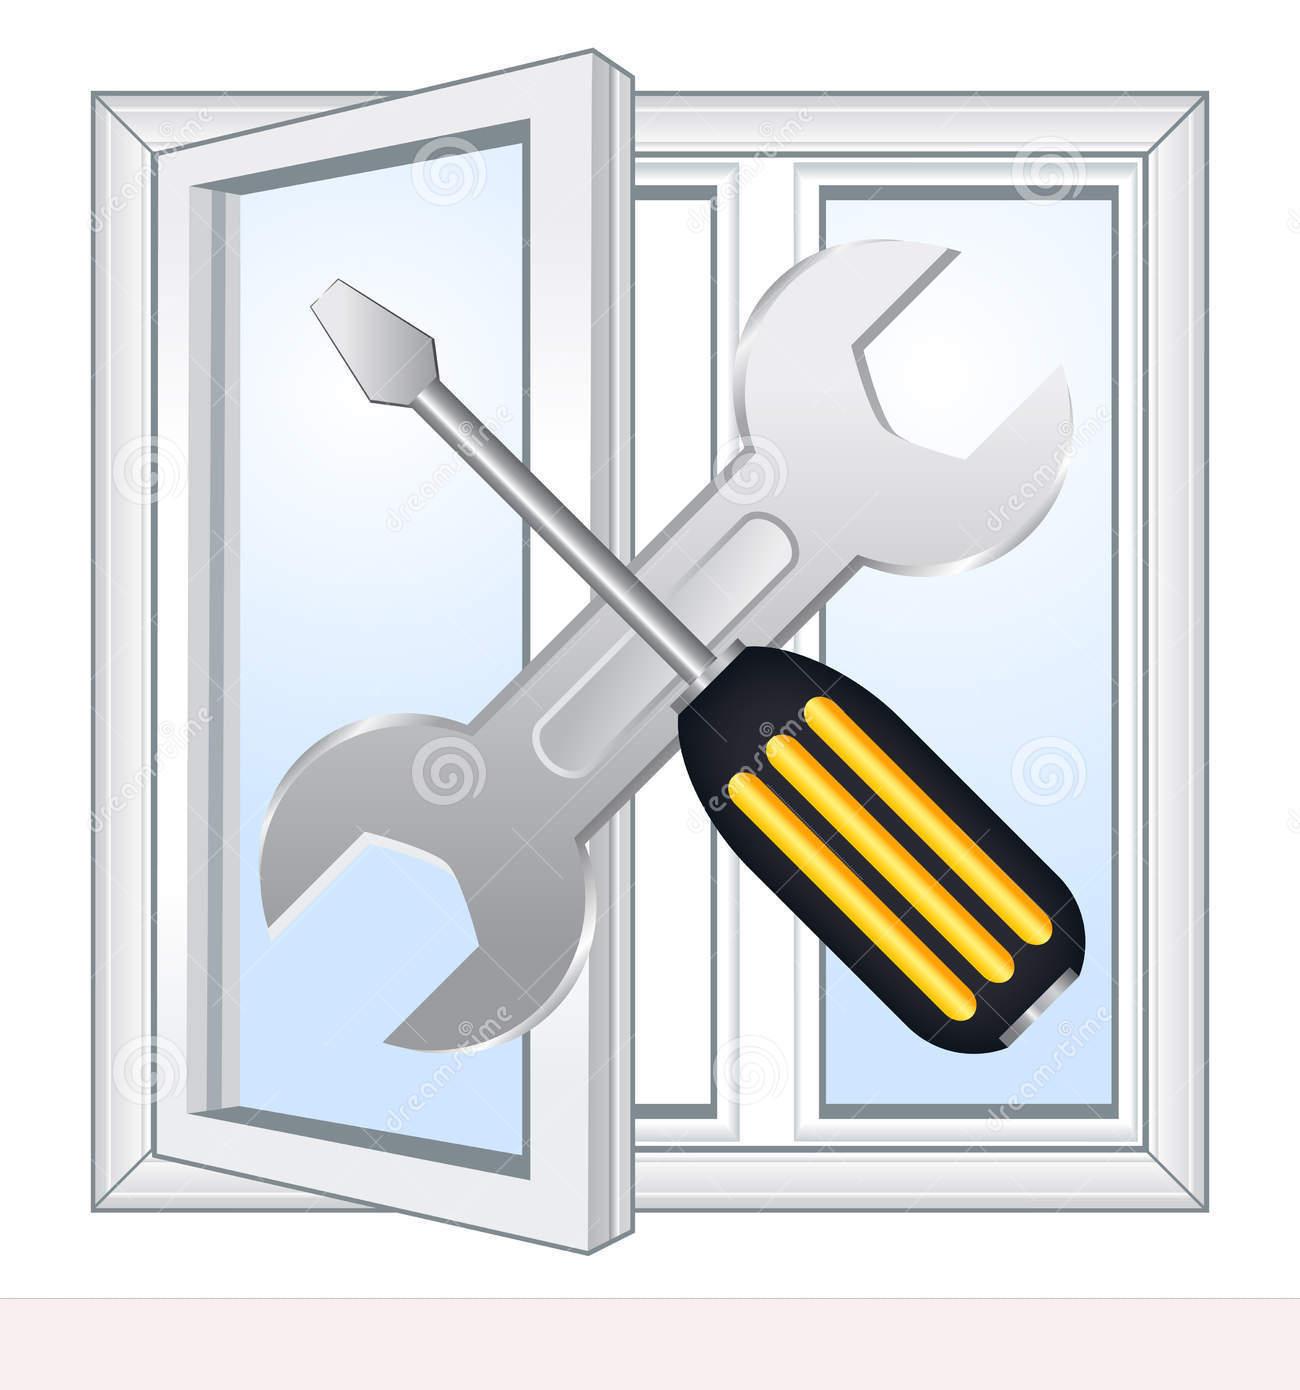 Ce prefera romanii: reparatia geamului sau inlocuirea sa?